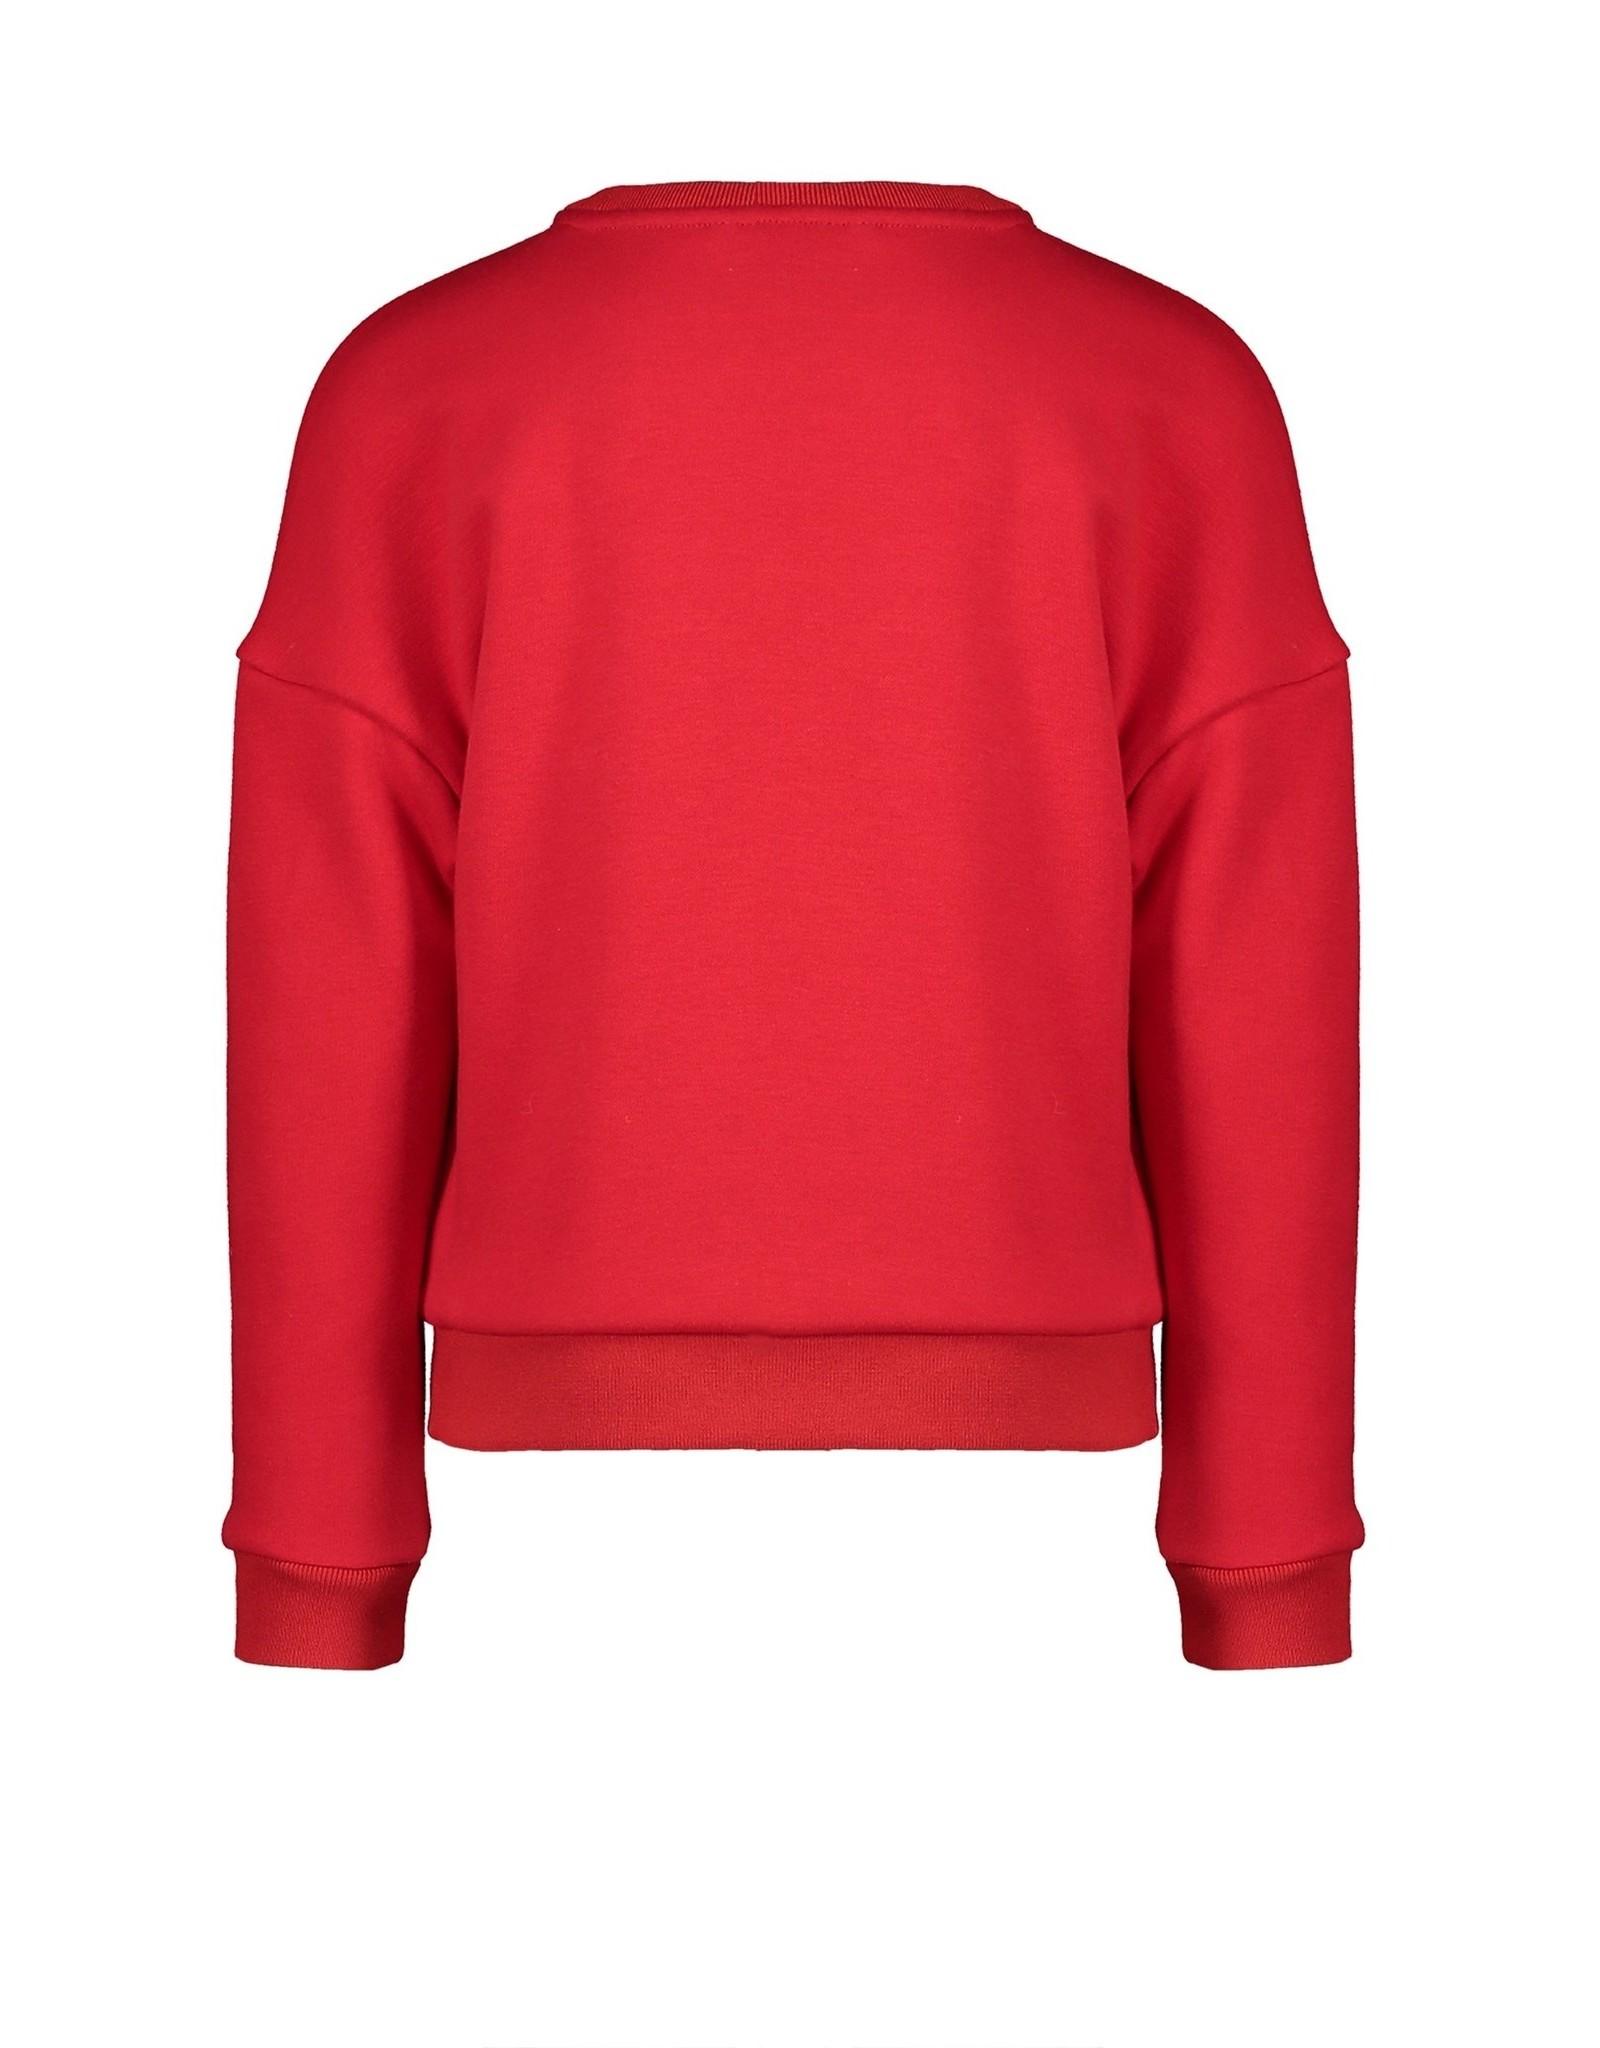 Nono NONO sweater 5306 red velvet cake